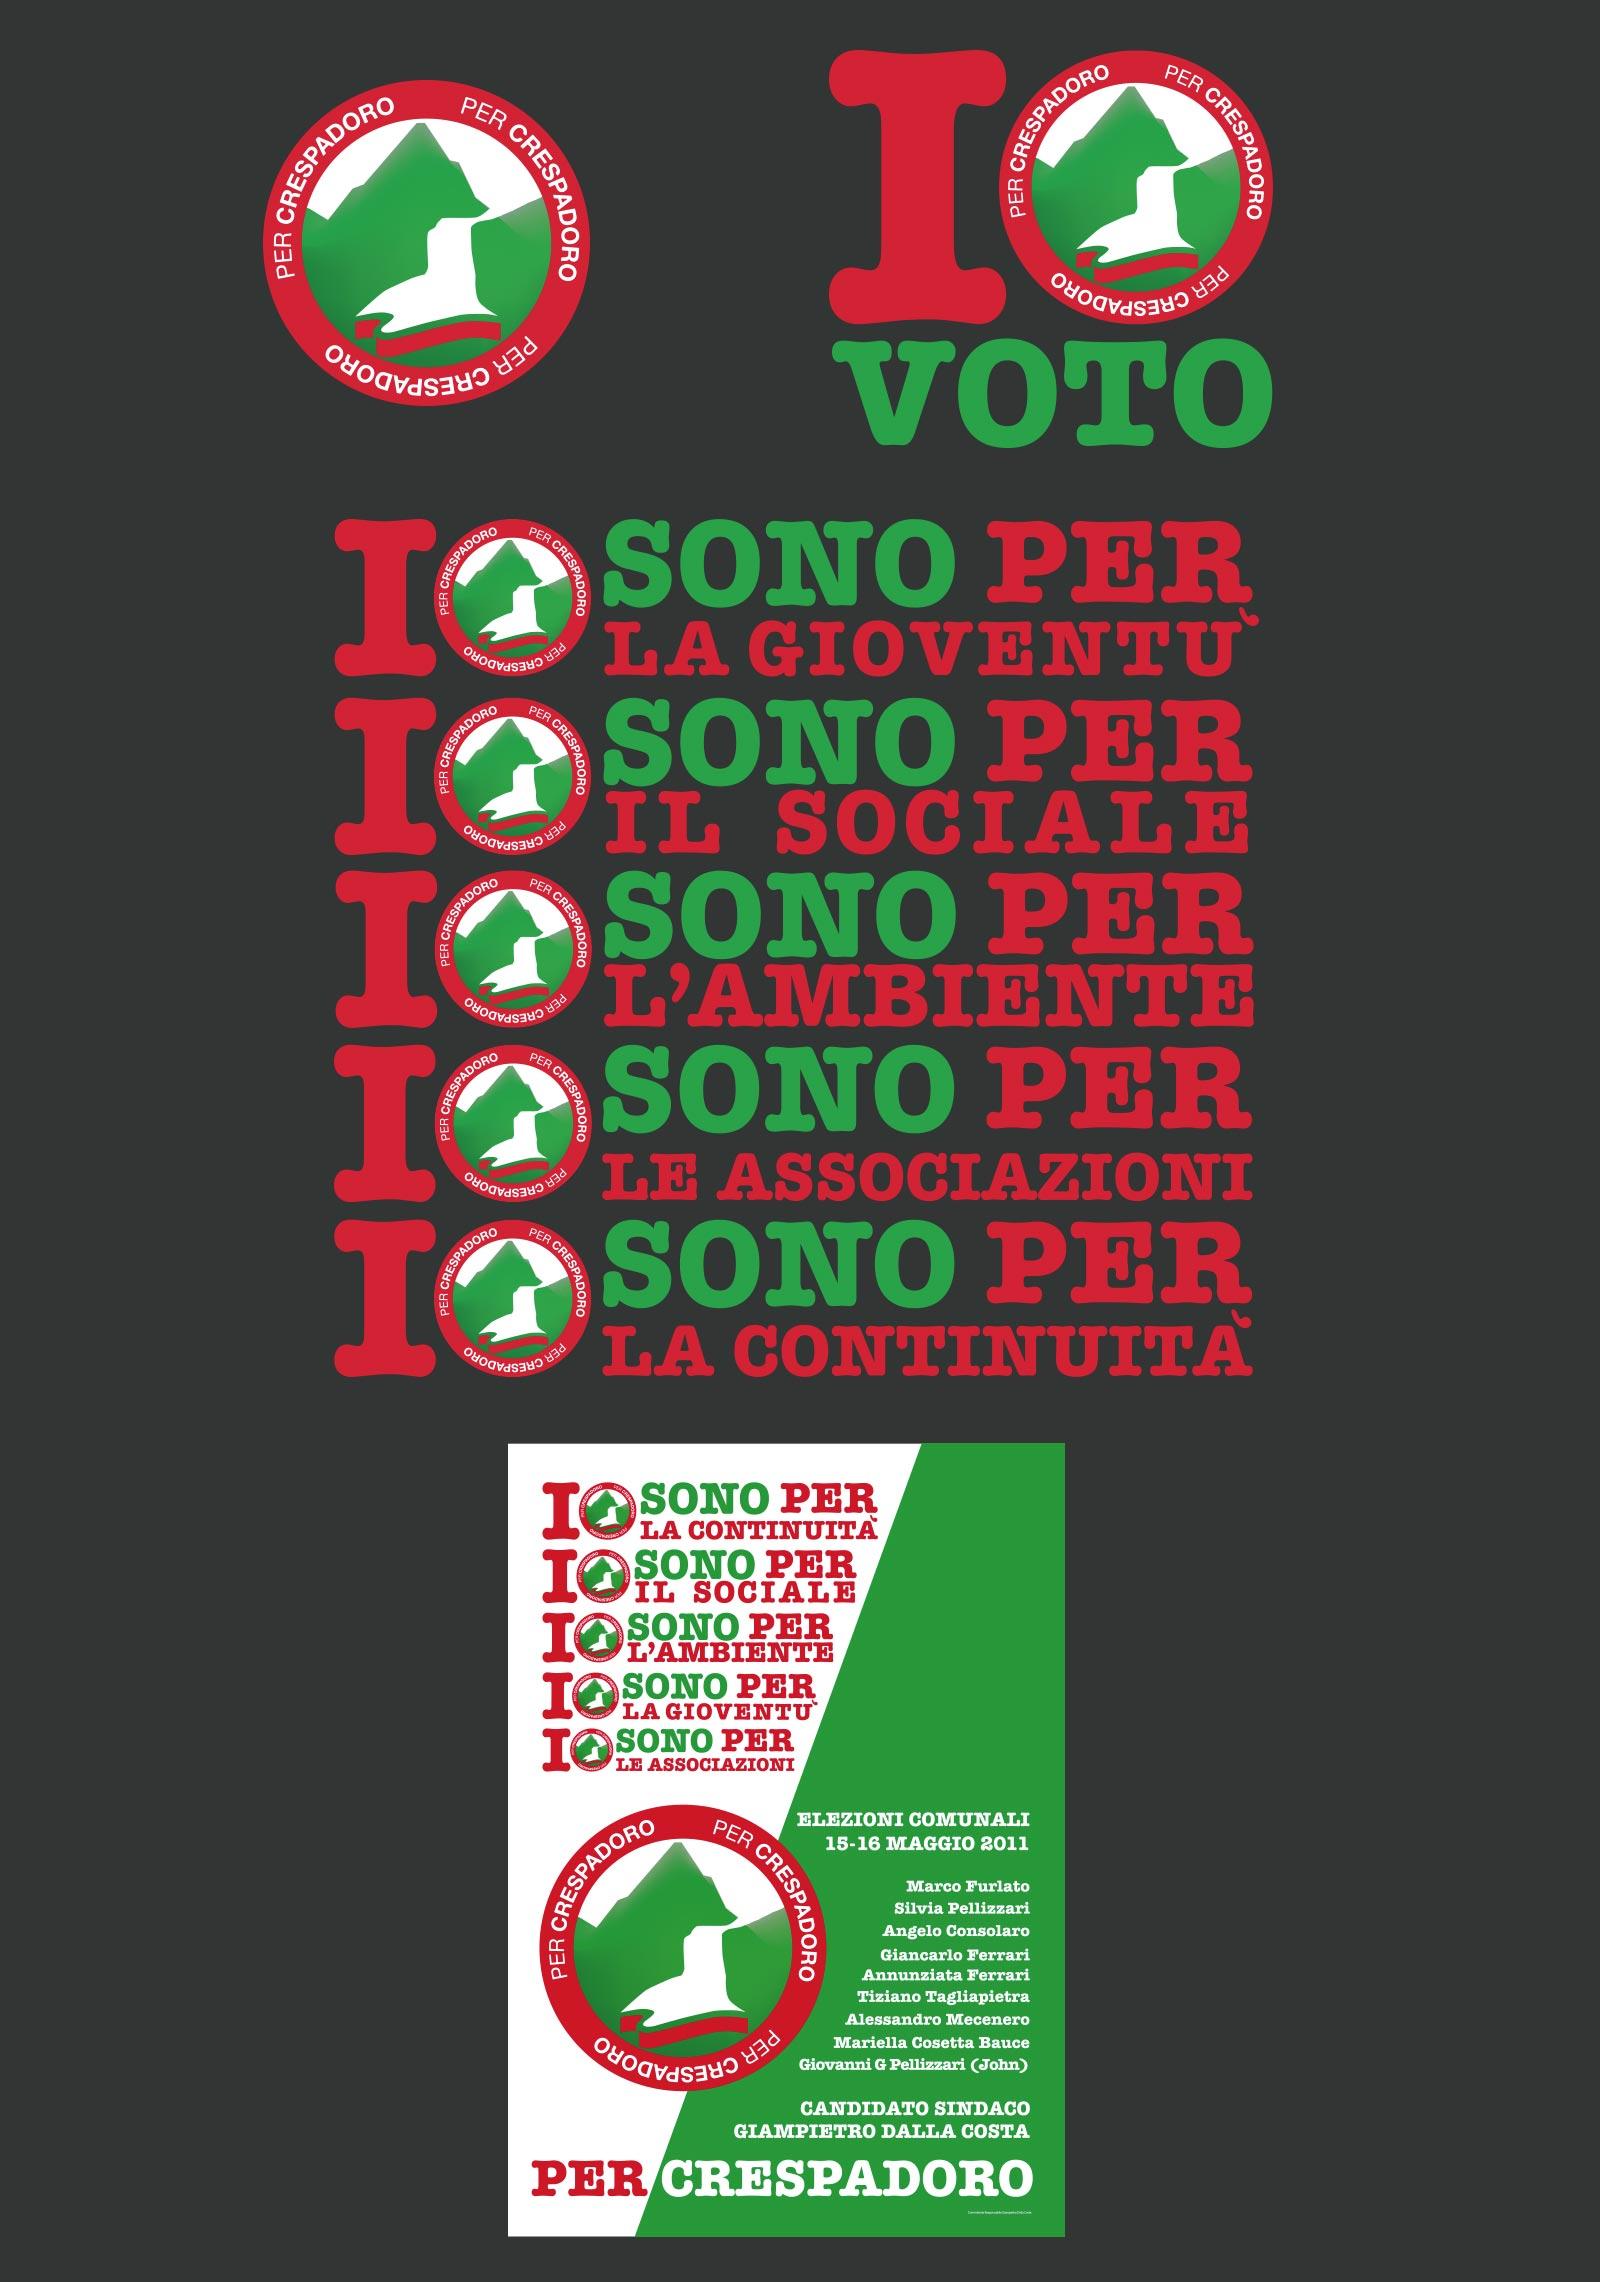 pic-percrespadoro-logo